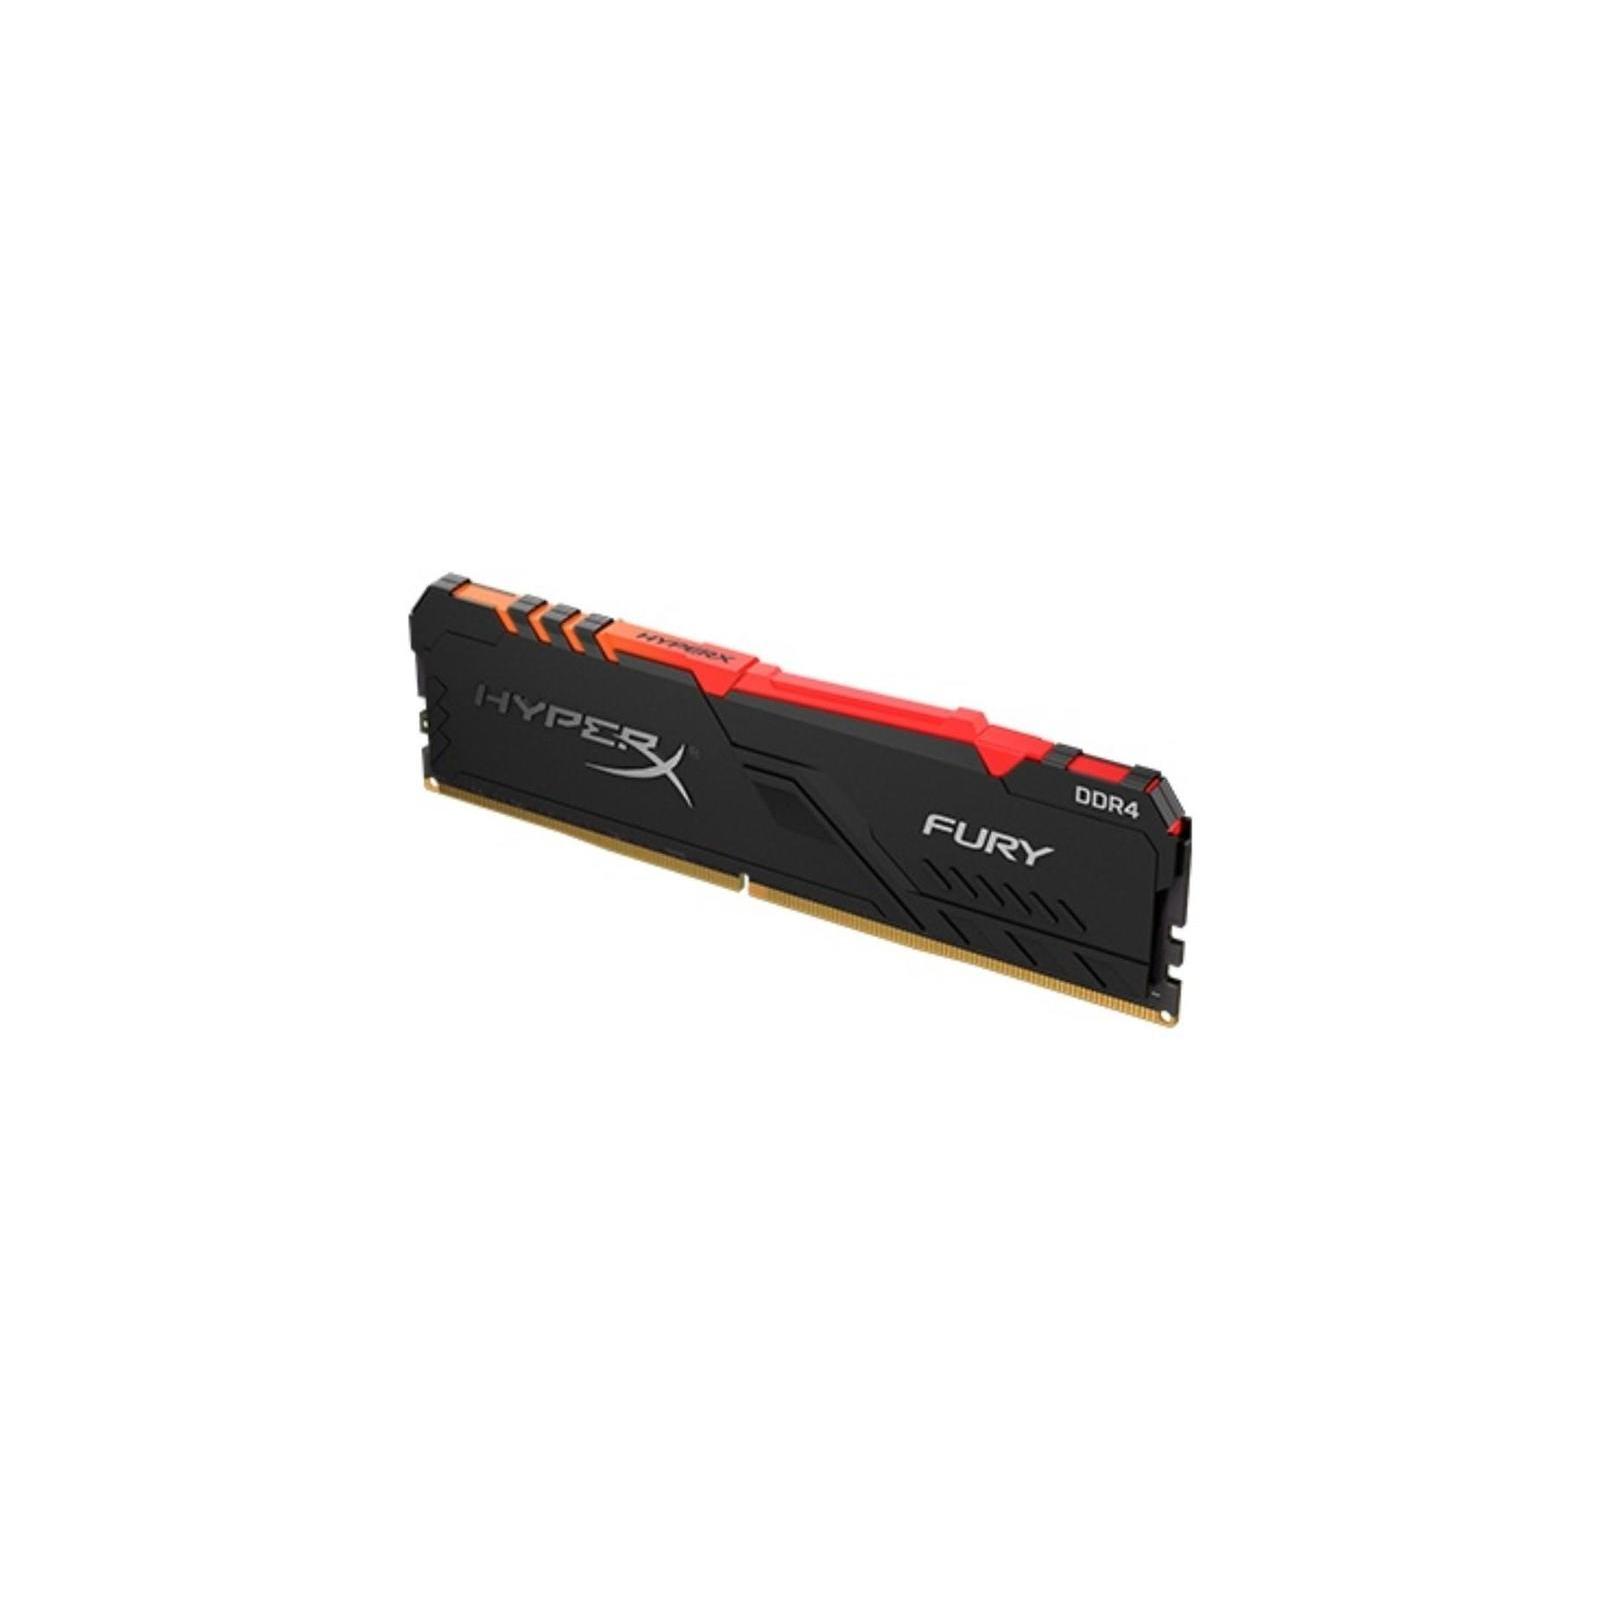 Модуль пам'яті для комп'ютера DDR4 8GB 3200 MHz HyperX FURY RGB Kingston (HX432C16FB3A/8) зображення 2